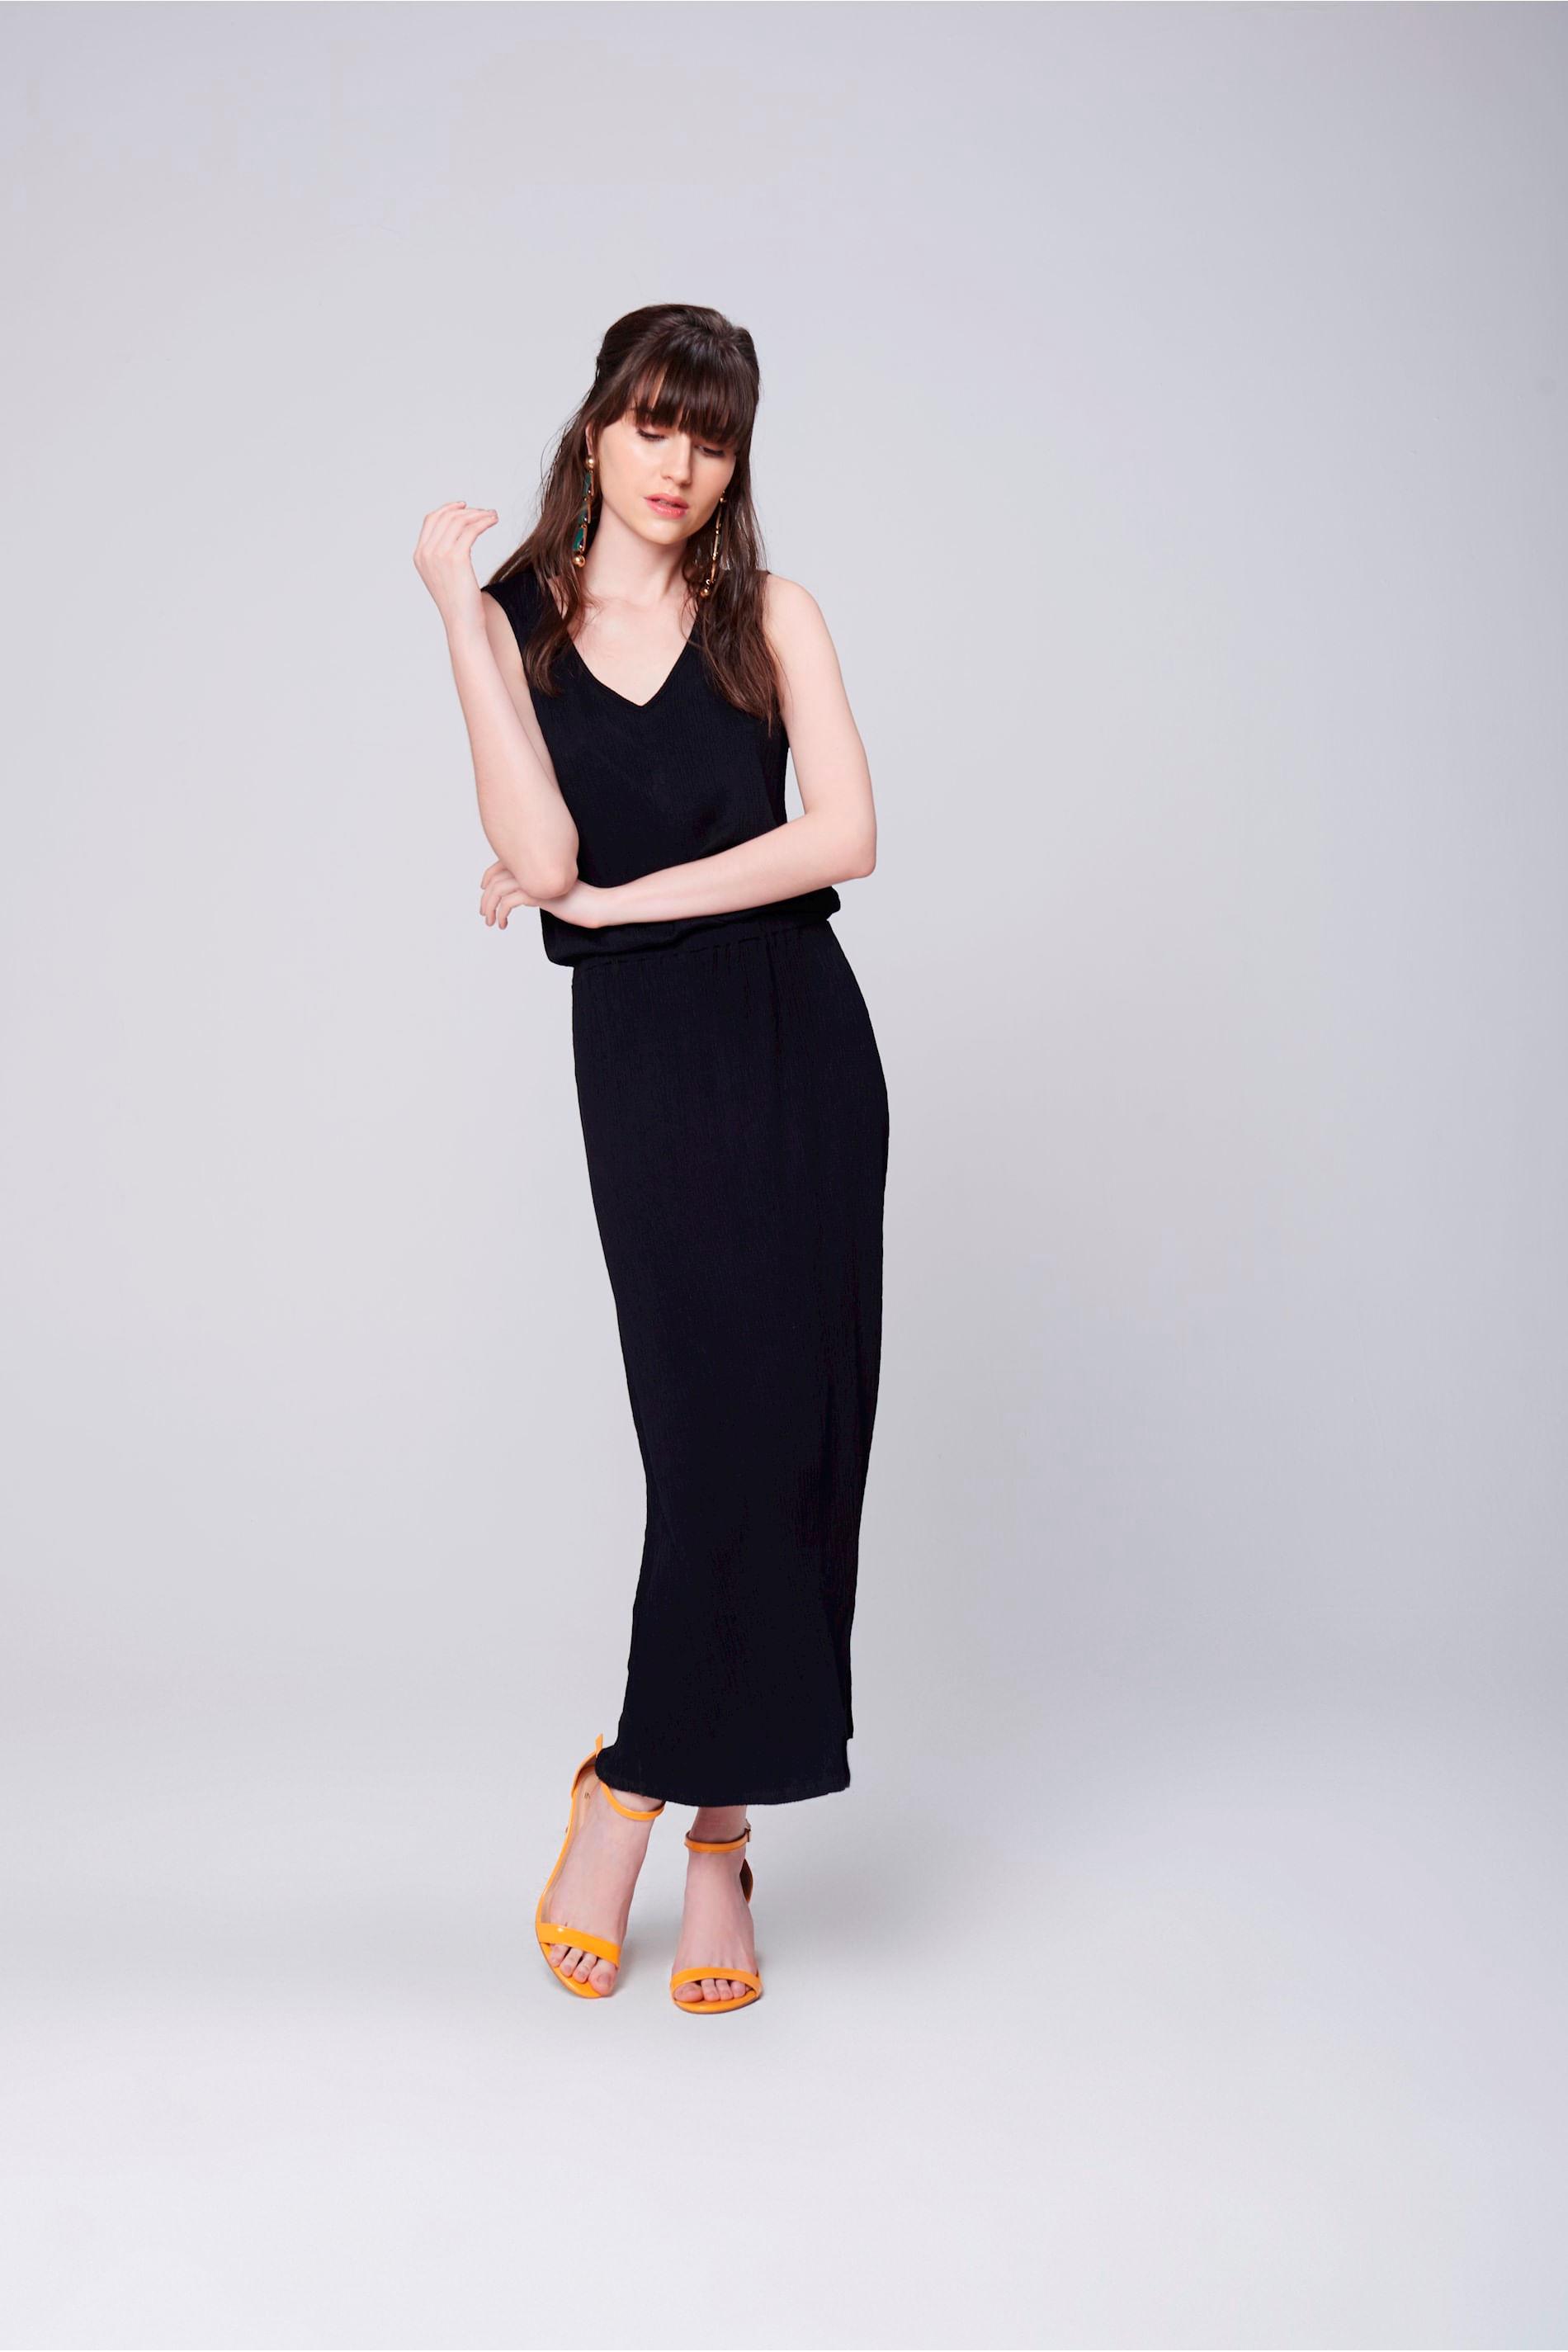 88a2de40d Damyller · Moda Feminina · Vestido · Longo. abrir